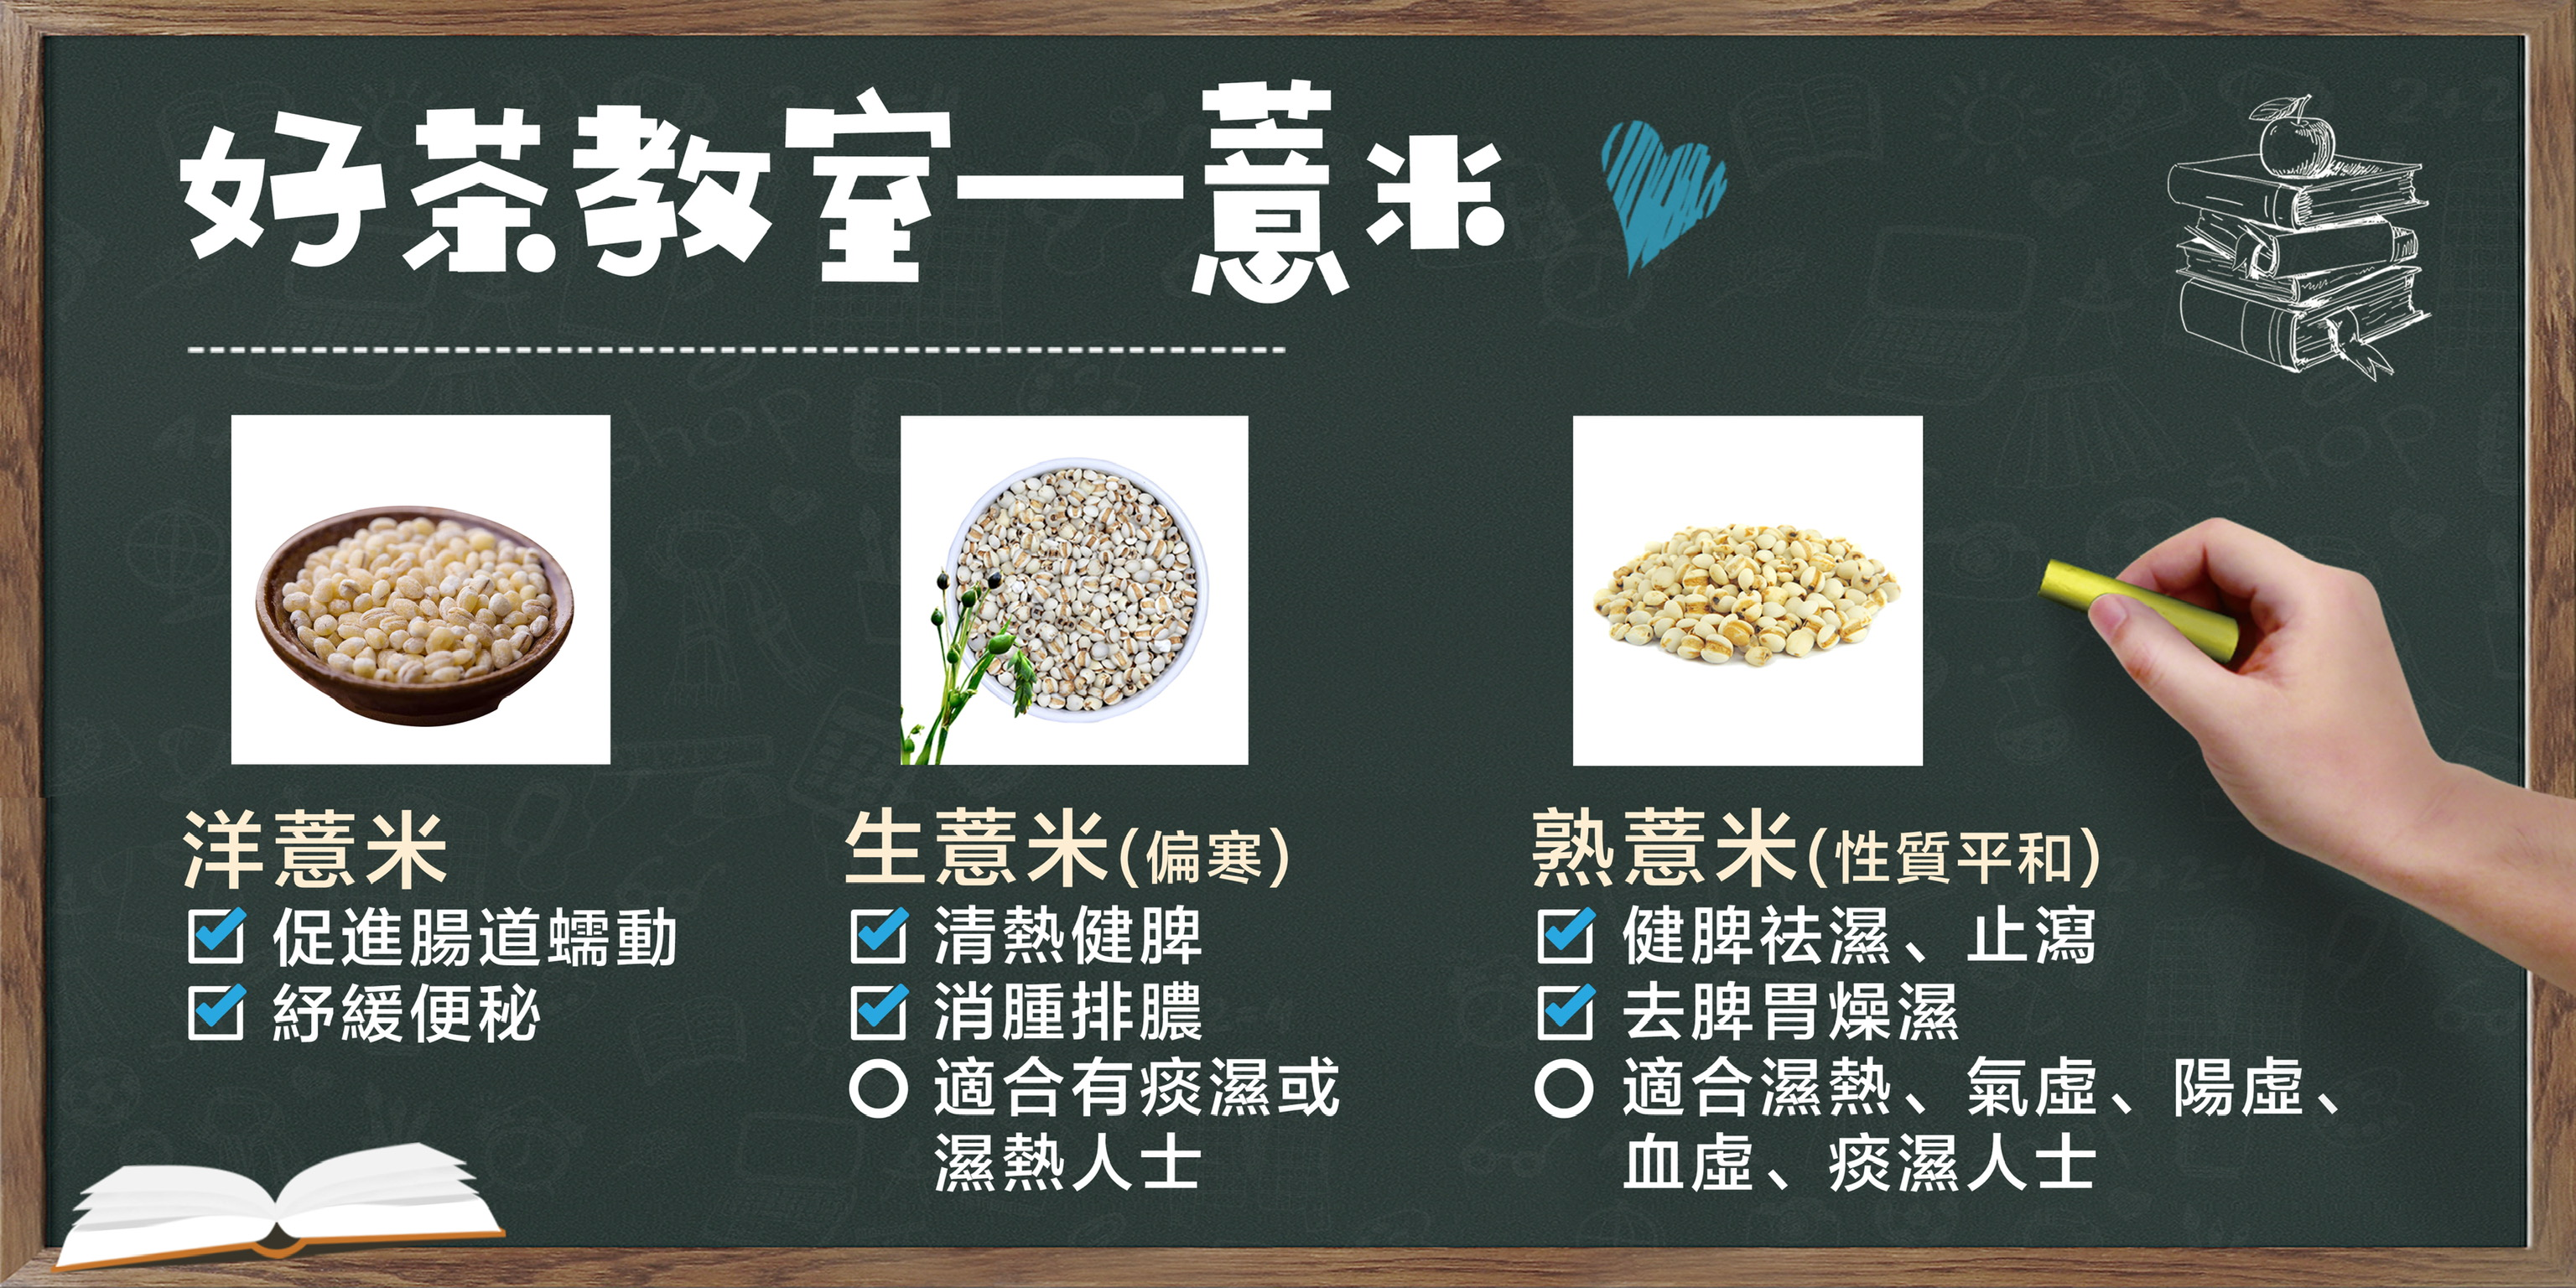 【好茶教室—薏米】